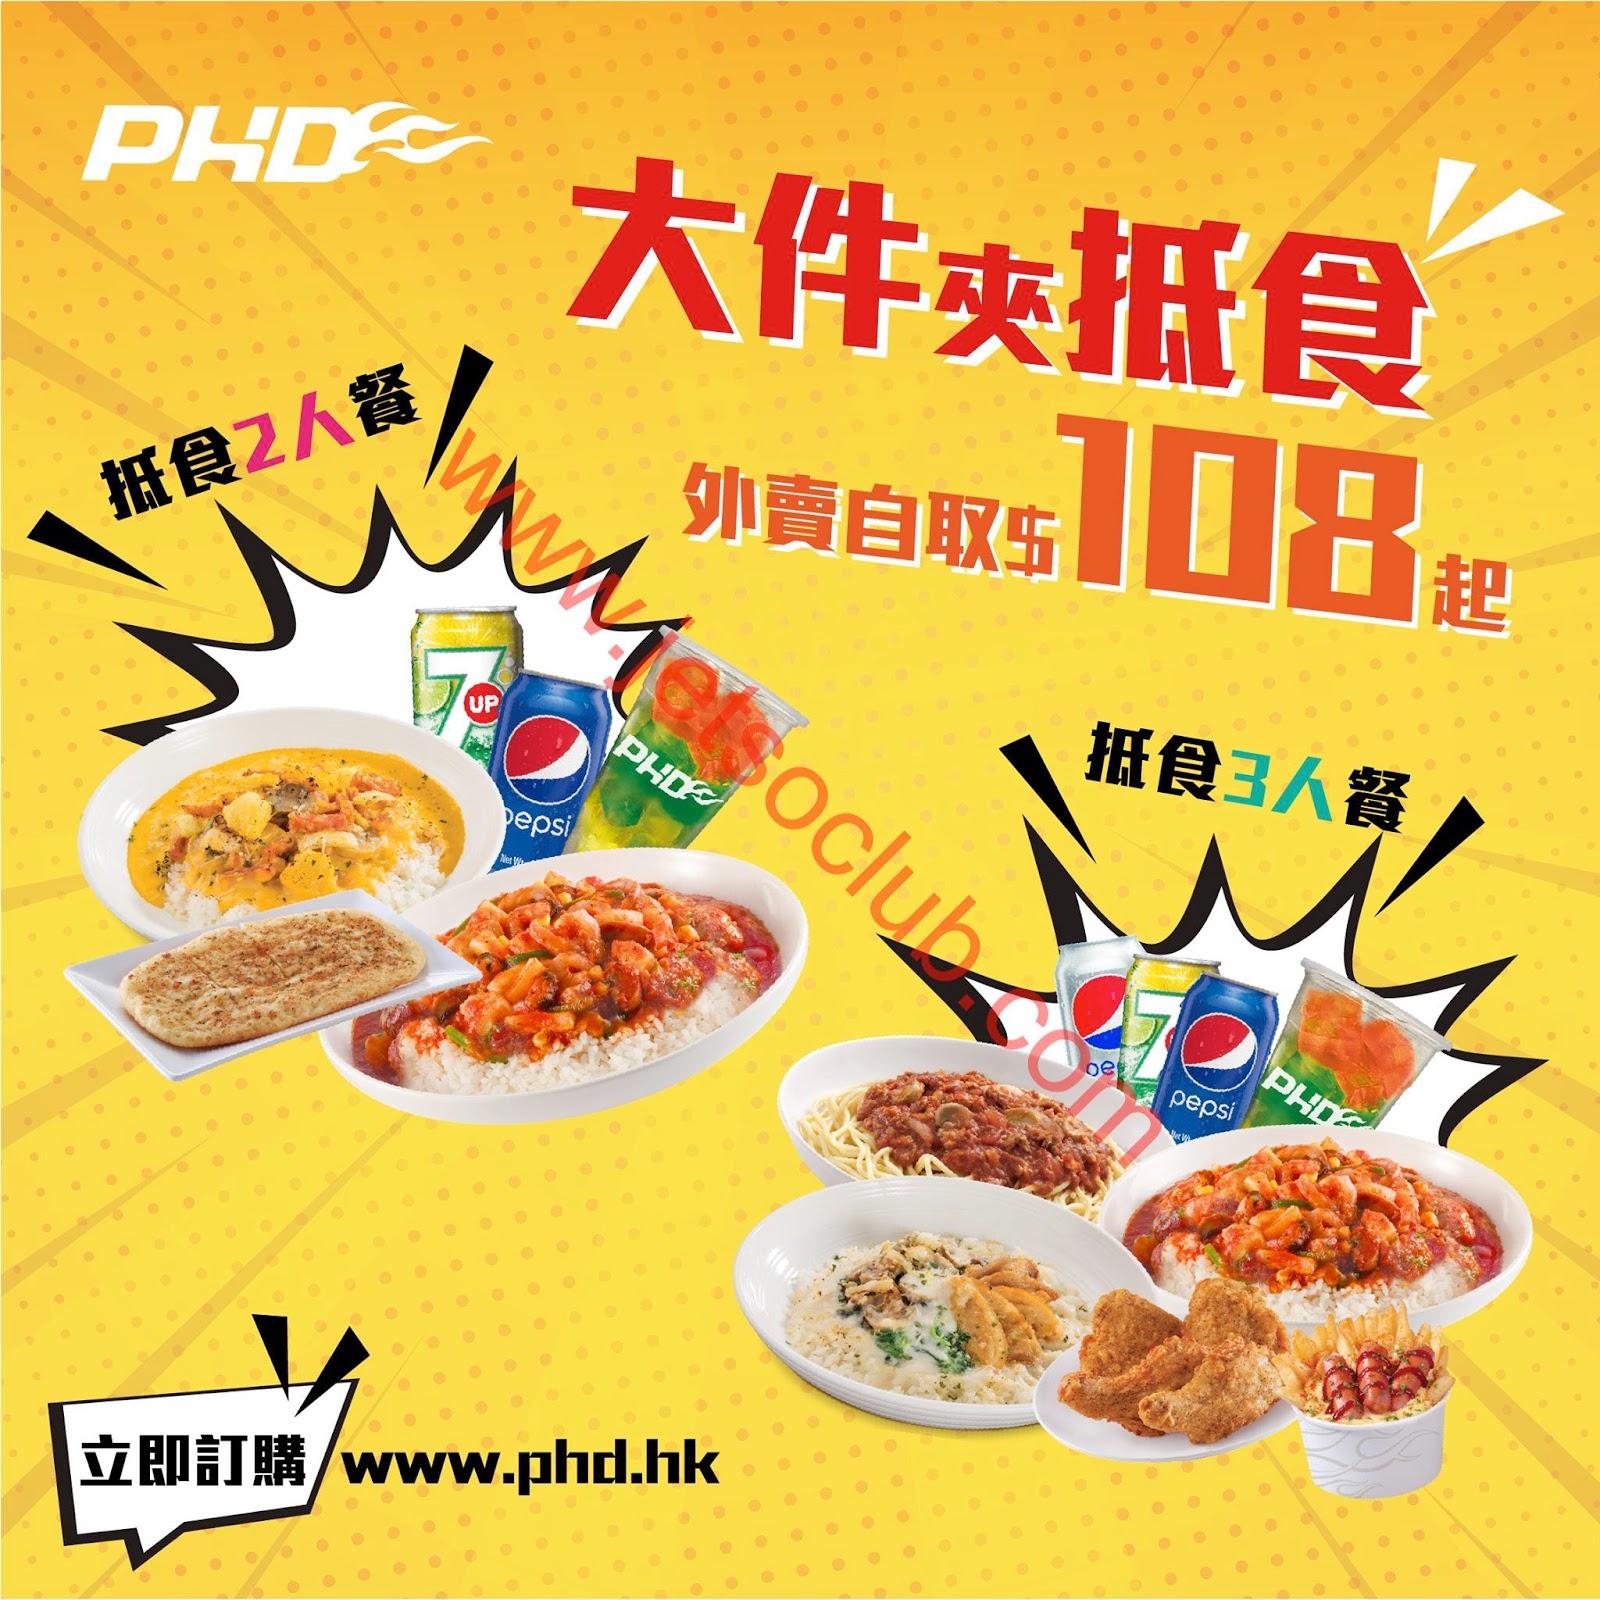 PHD:外賣自取 抵食2人/3人餐 $108起(至31/8) ( Jetso Club 著數俱樂部 )